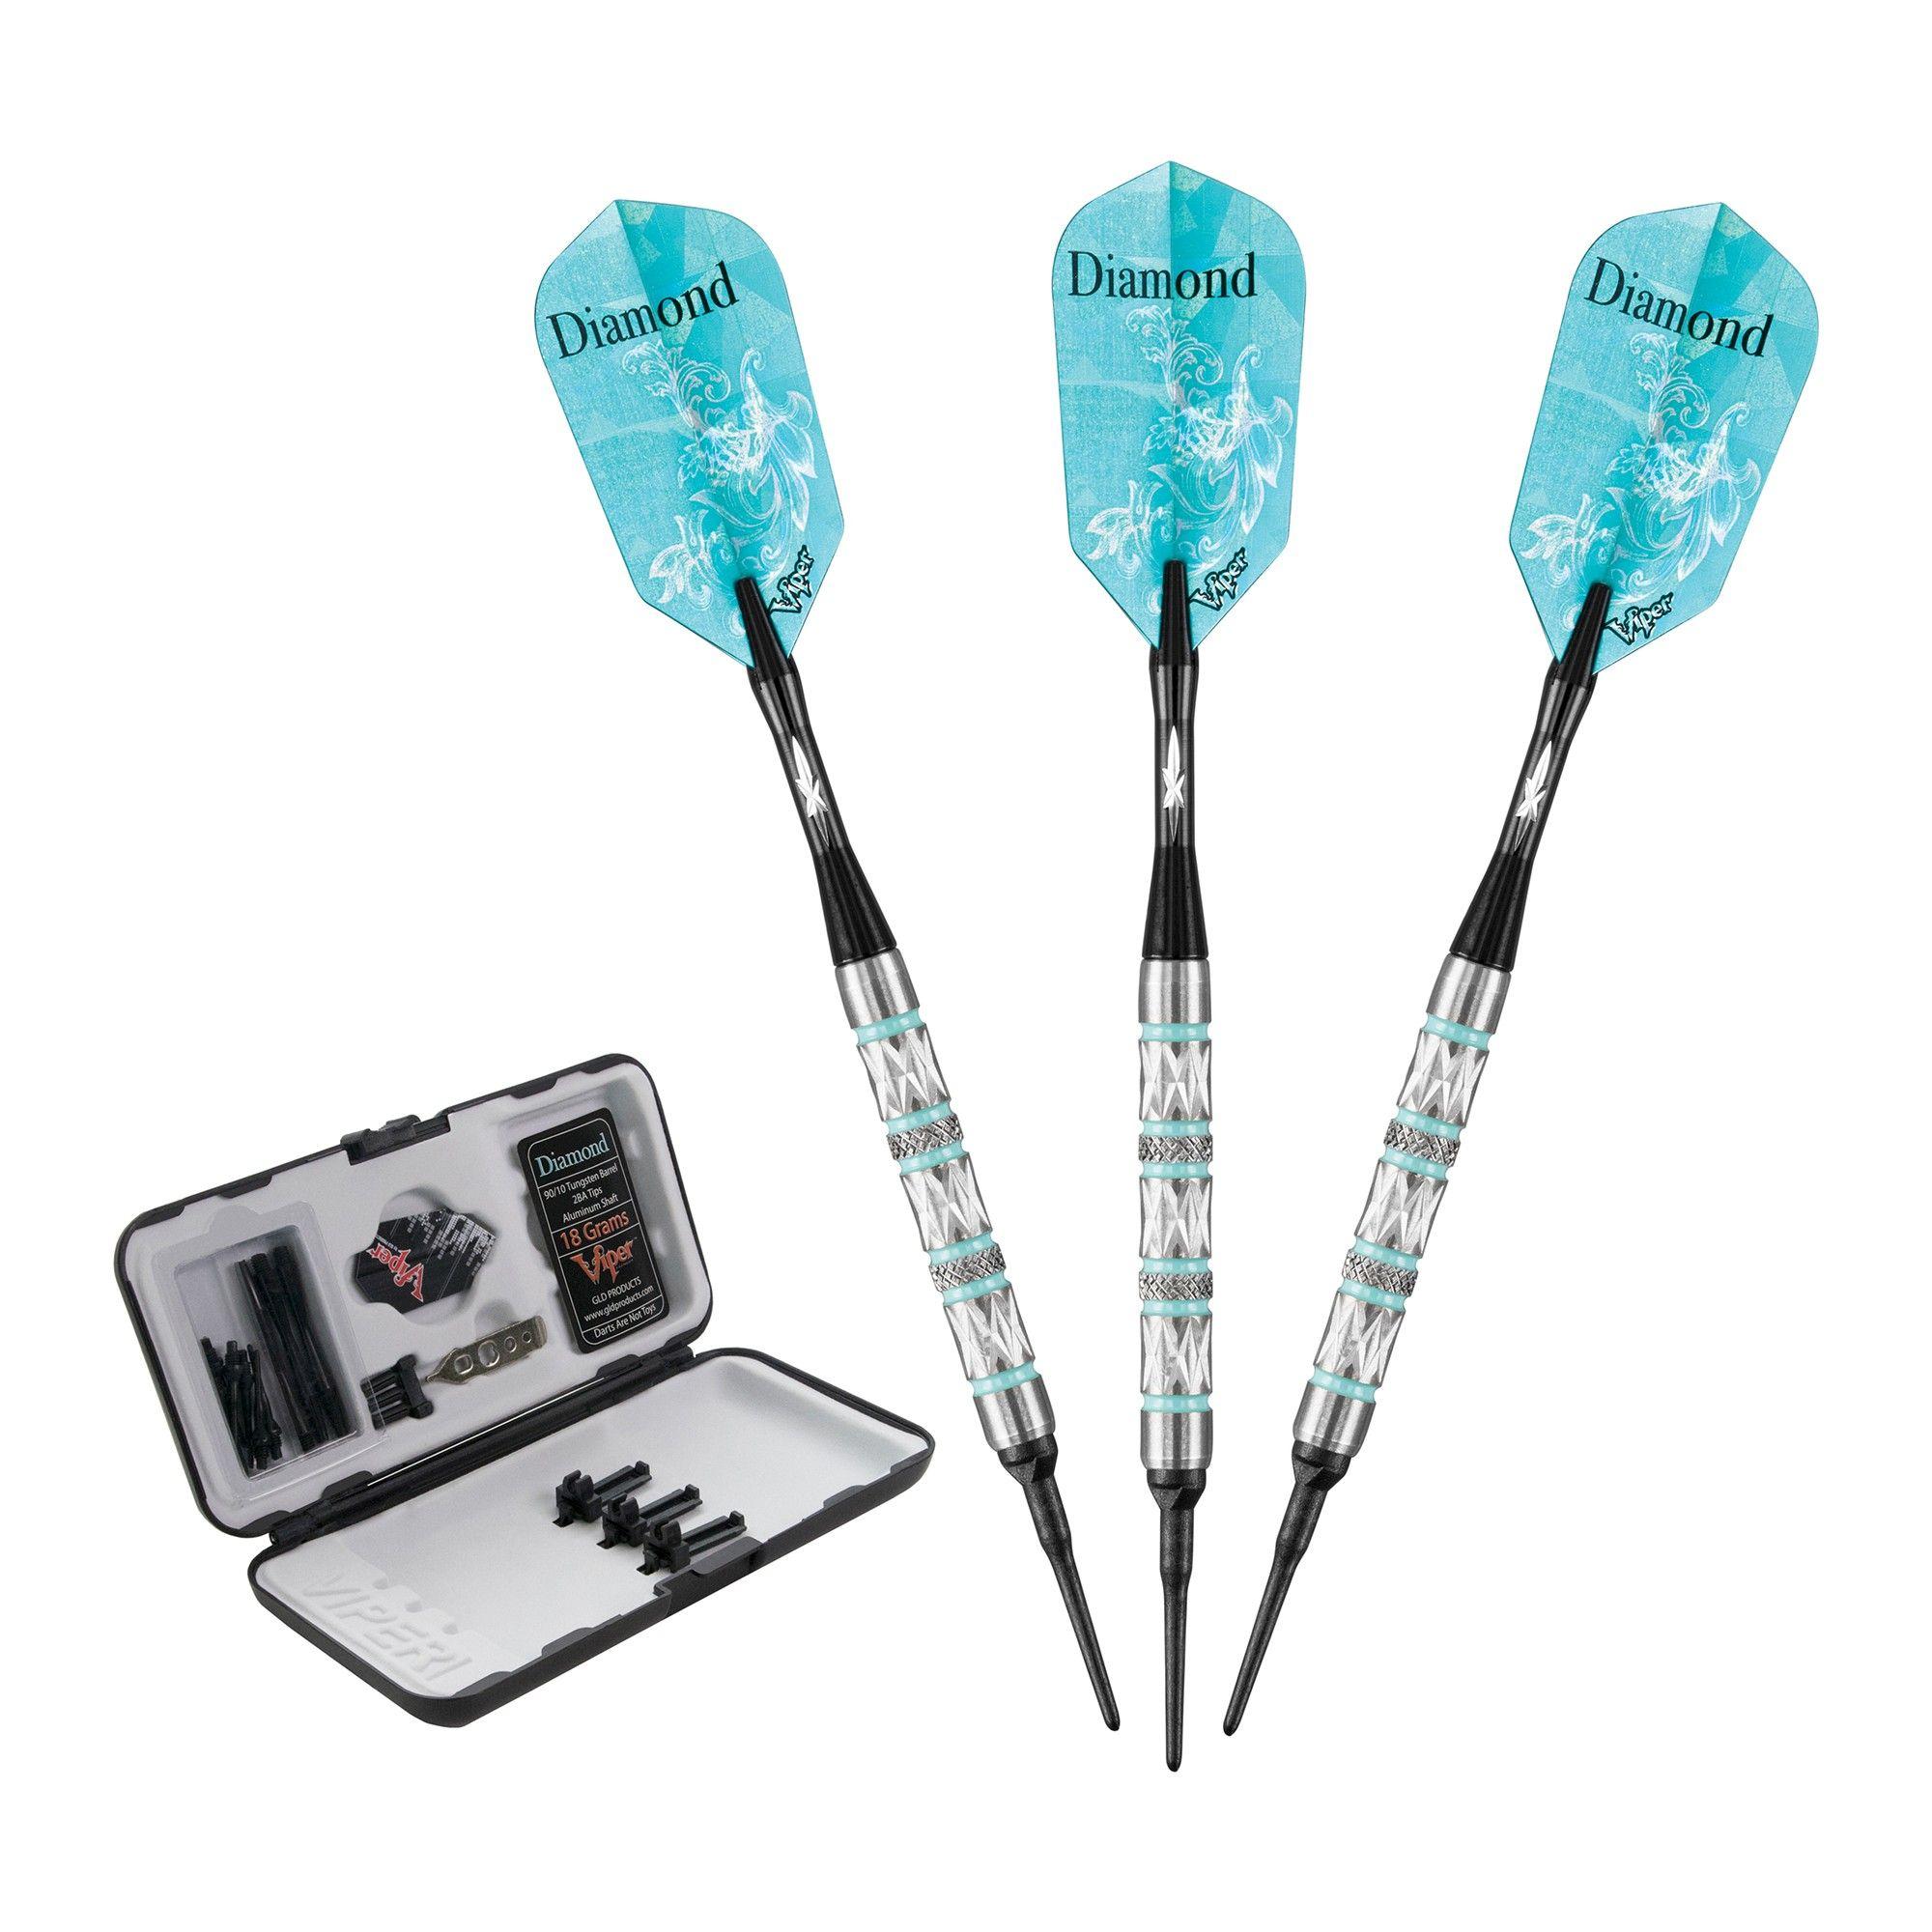 Viper Diamond Soft Tip Tungsten Darts 18gm Dart Set Tungsten Darts Darts